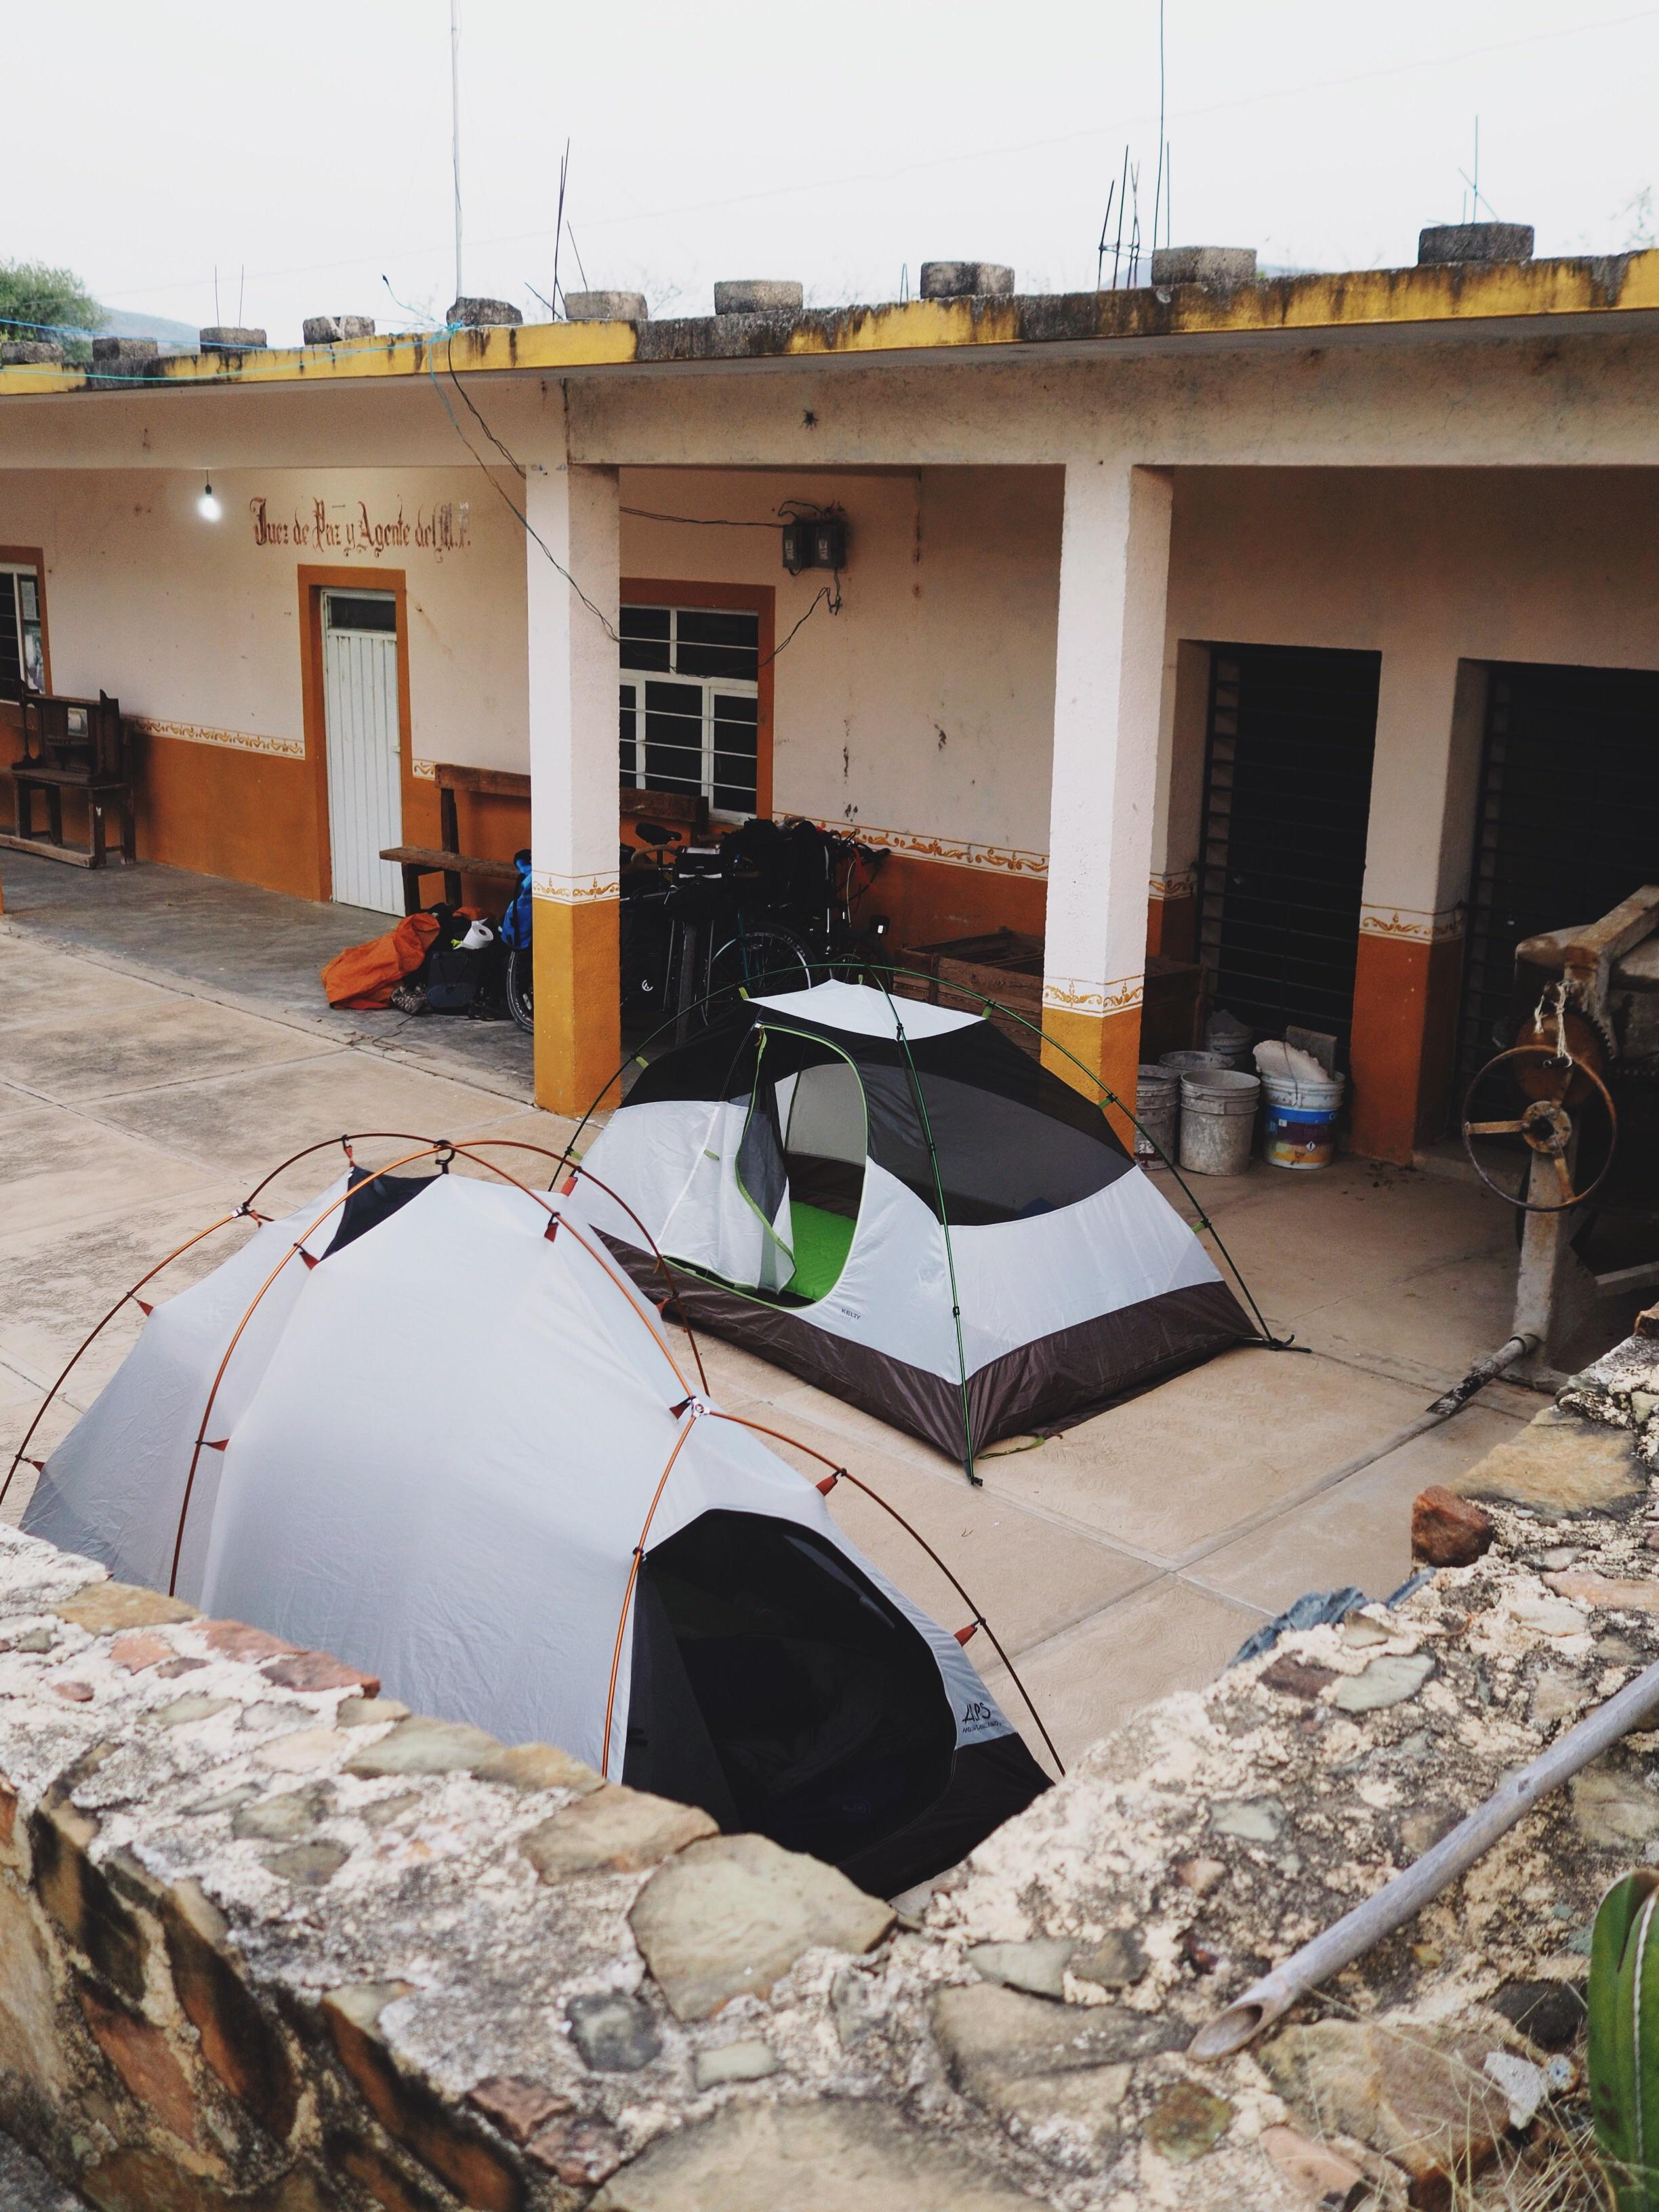 Camping in Santa Cruz Nuevo at the municipality